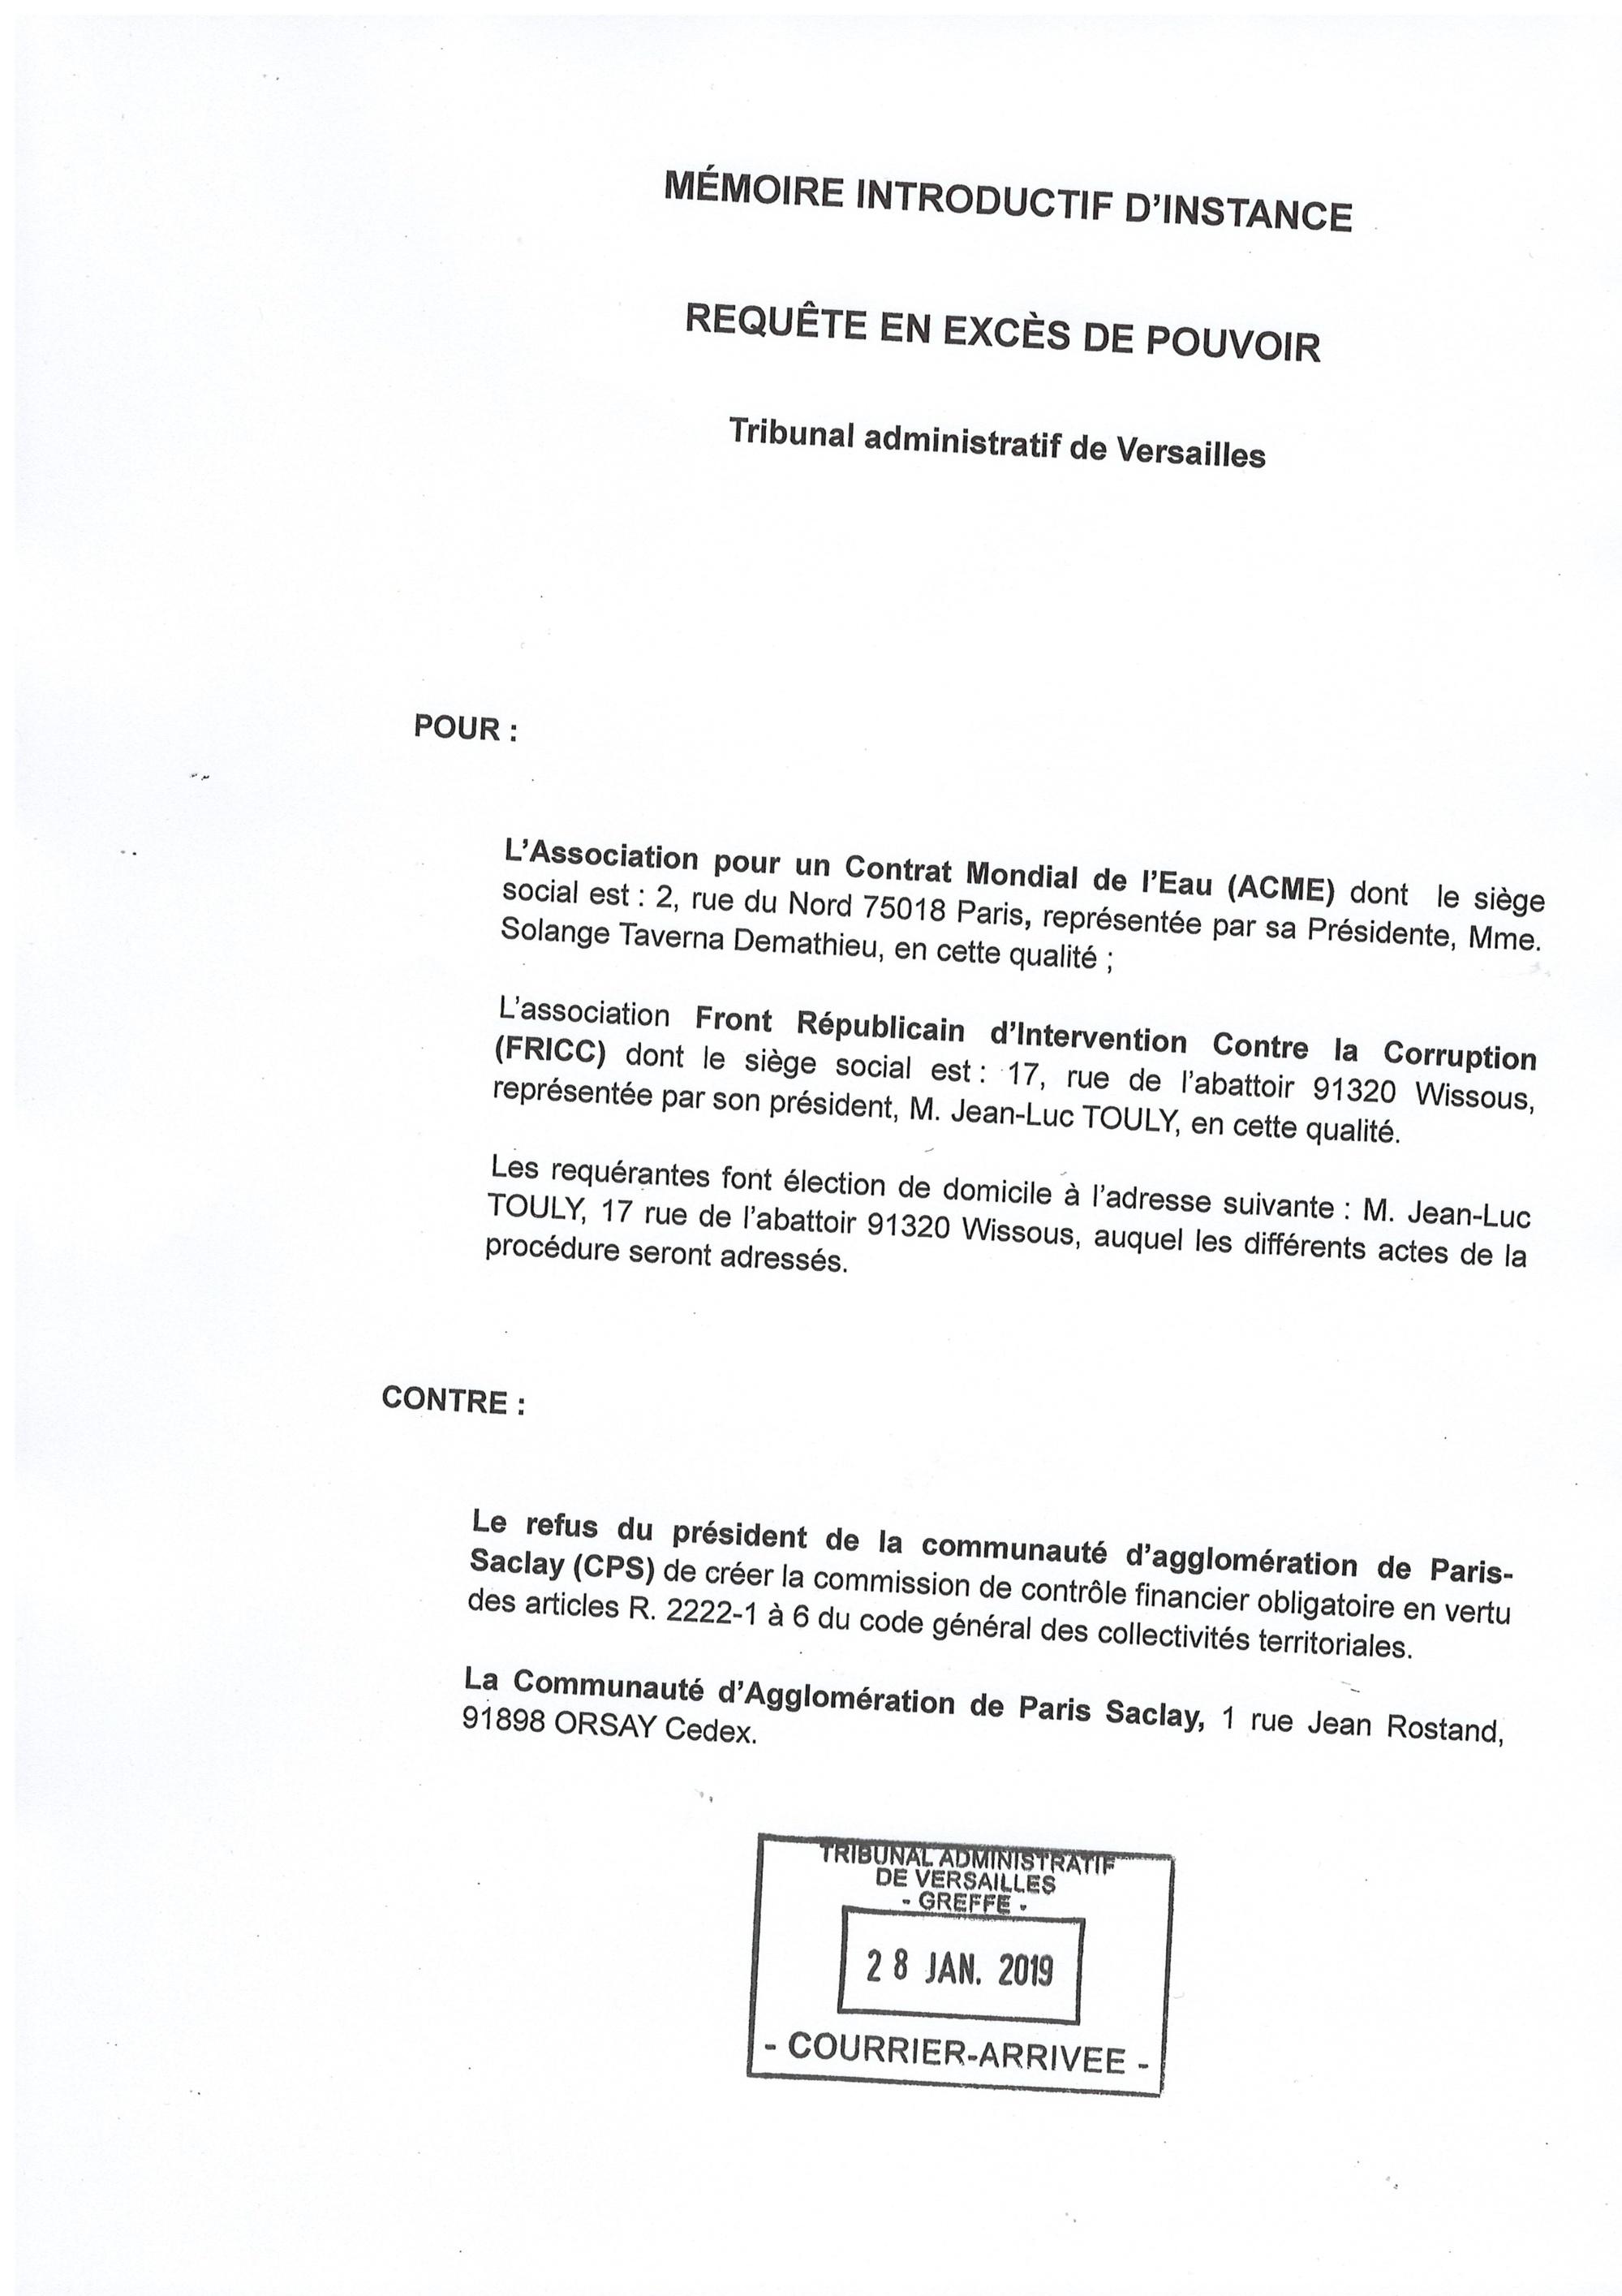 Ordre du jour du Conseil communautaire de Paris Saclay du 20 février et création de la Commission Contrôle Financier suite au recours de l'ACME et du FRICC à l'encontre du Président de Paris Saclay devant le TA de Versailles du 28 janvier 2019